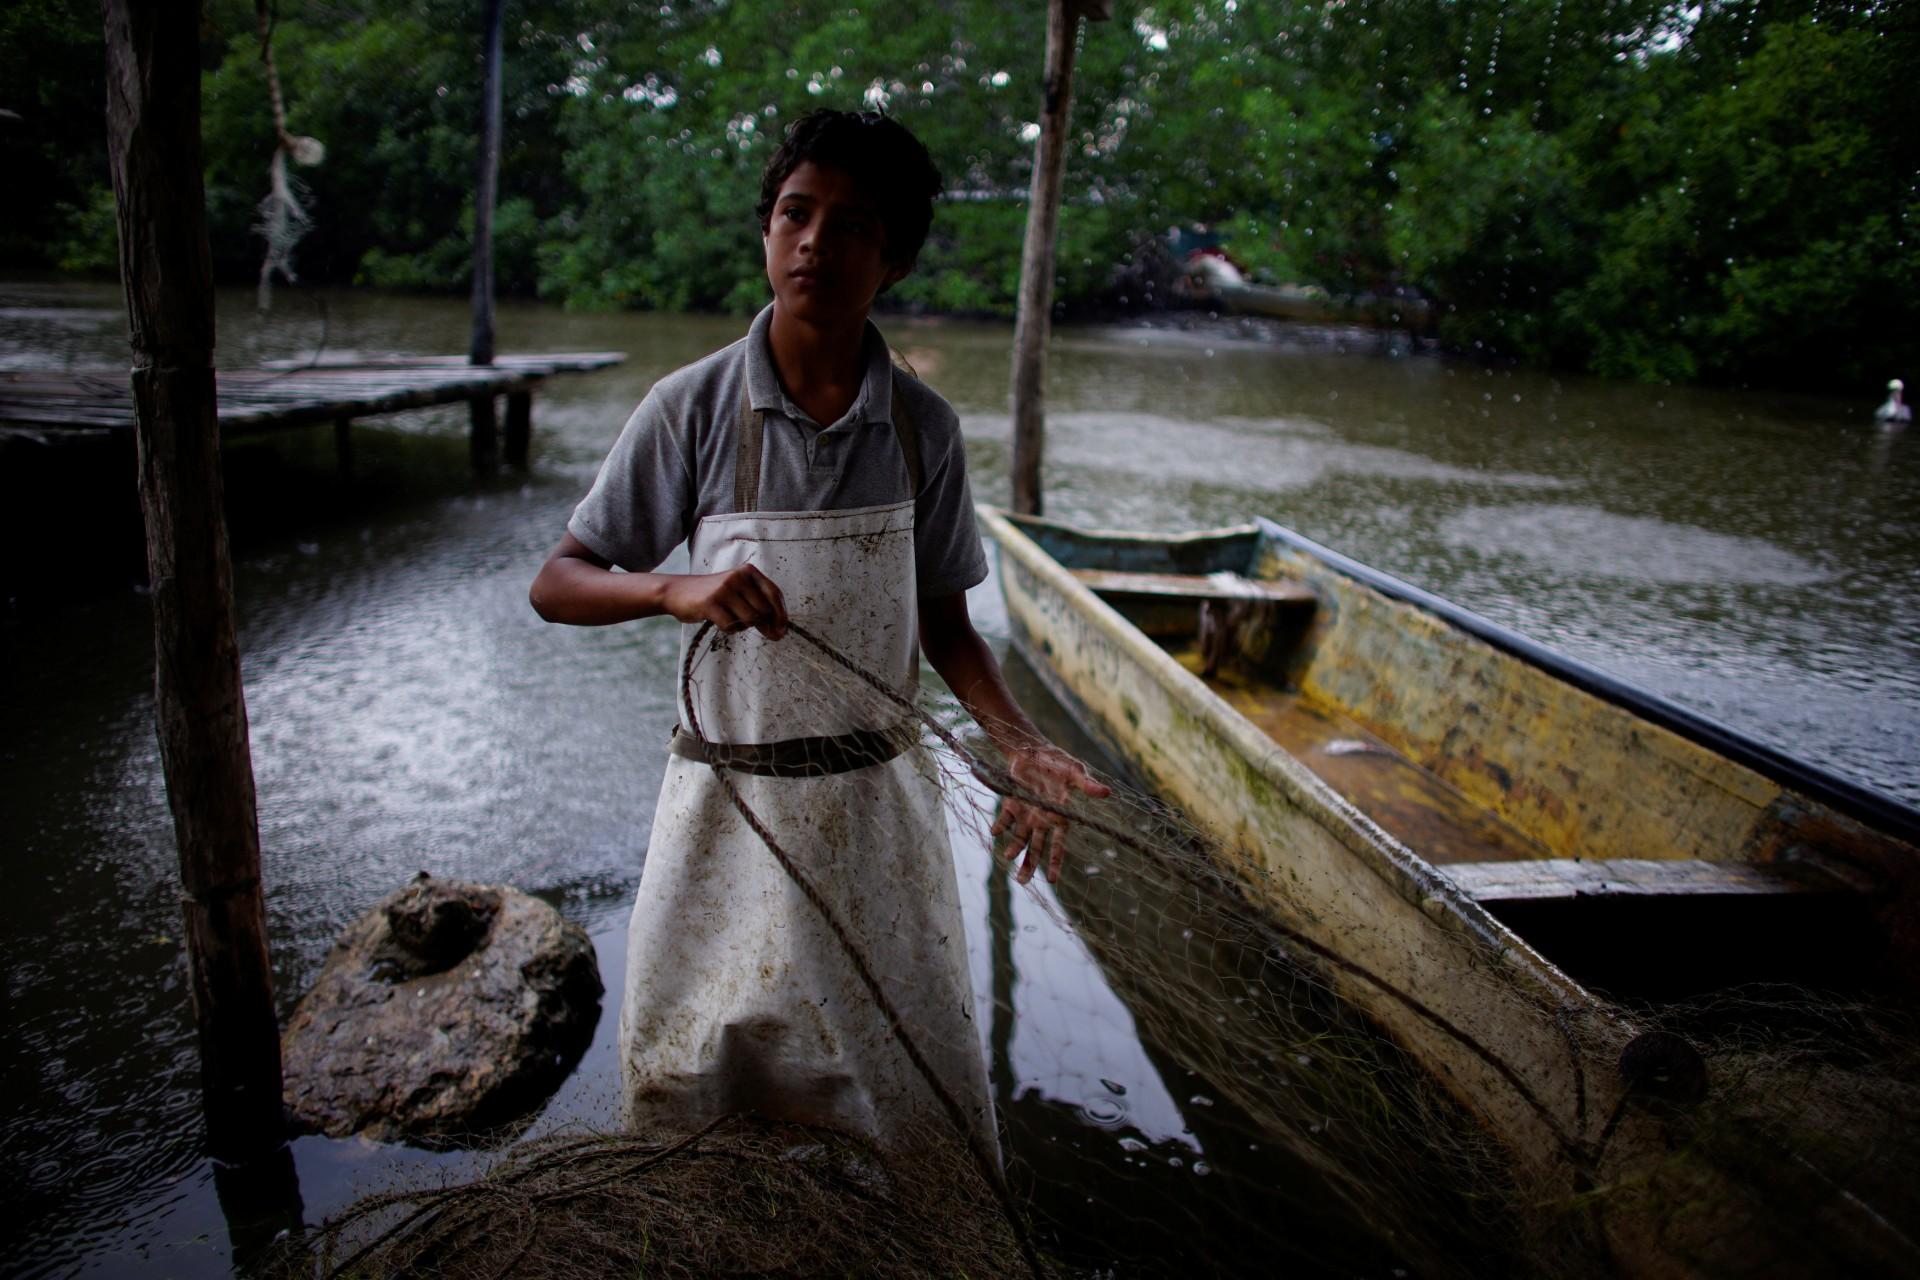 Alexander Giménez, de 13 años, revisa una red de pesca en el pueblo de Chiltepec, en Paraiso, México, el 9 de diciembre de 2018.